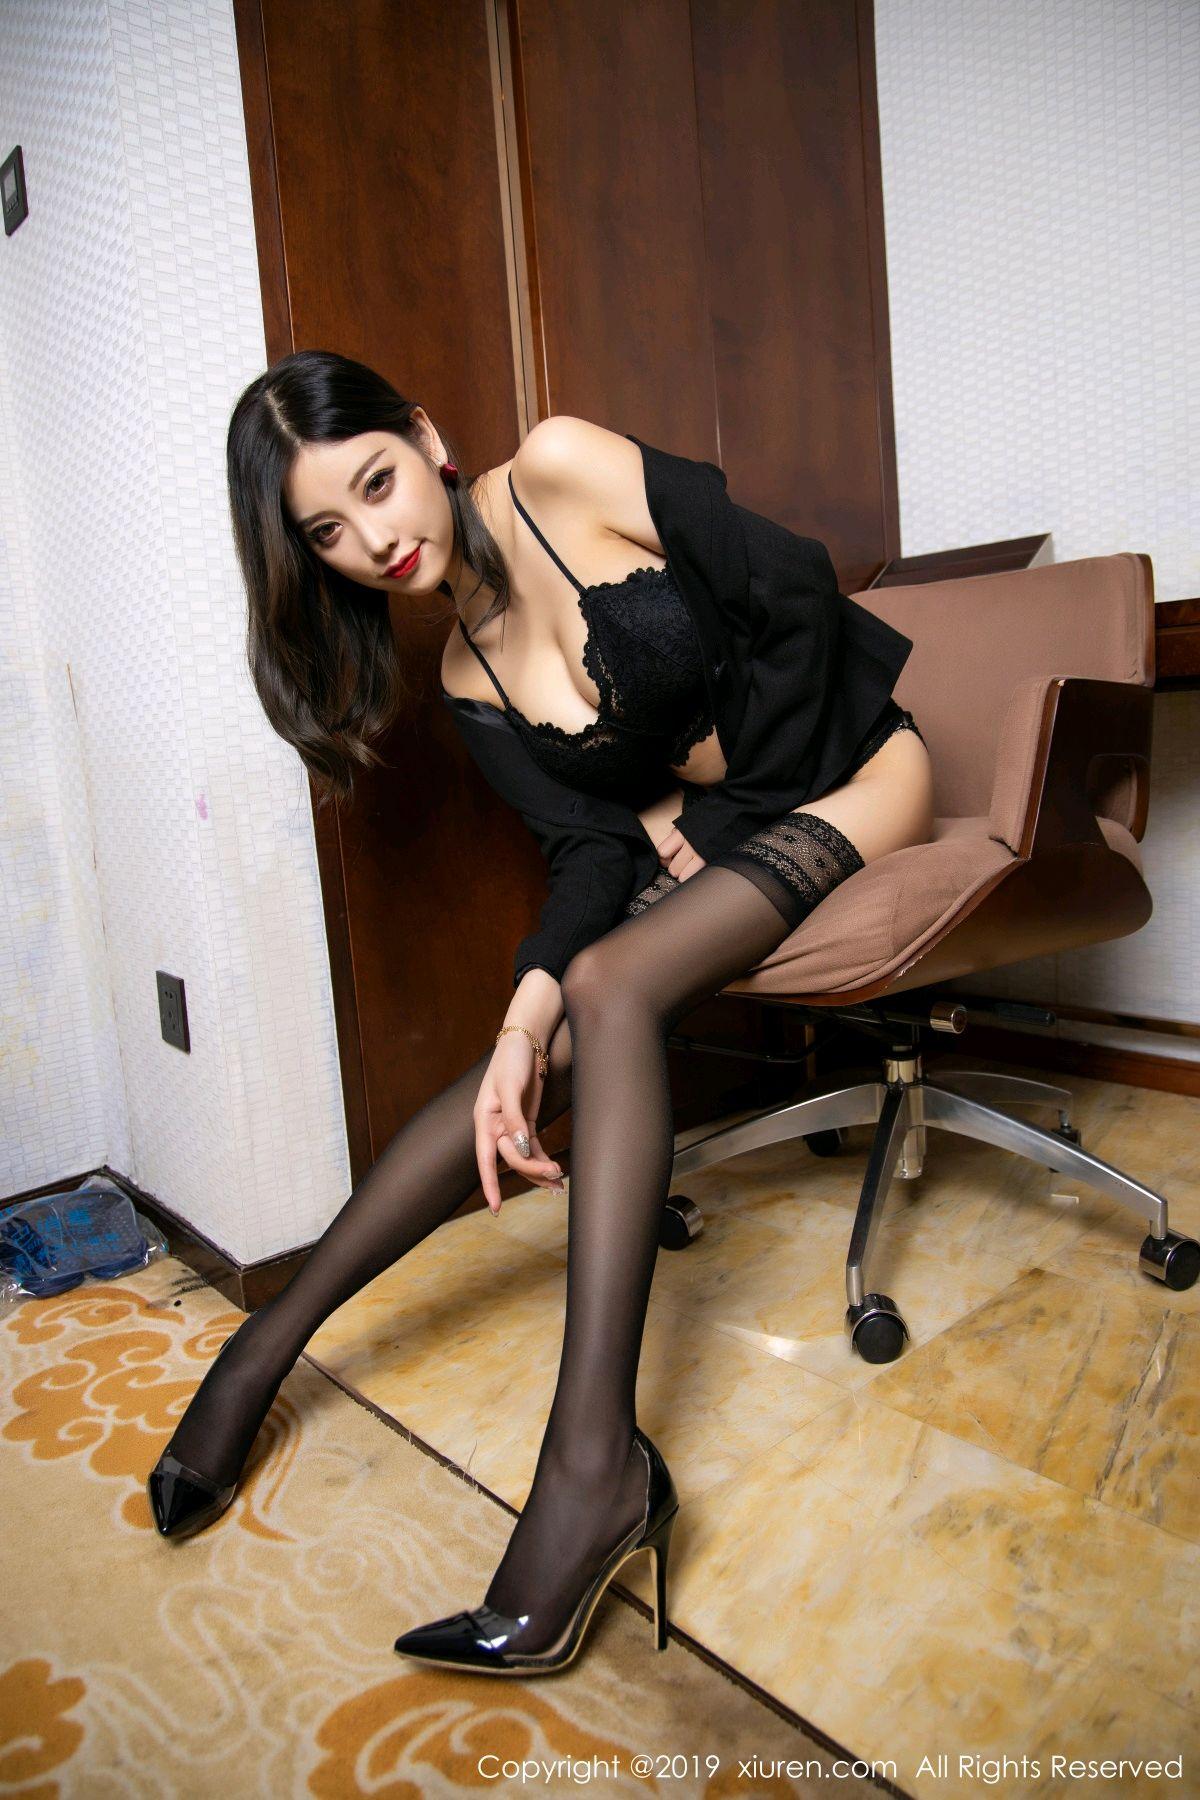 [XiaoYu] Vol.1633 Yang Chen Chen 53P, Black Silk, Tall, Uniform, XiaoYu, Yang Chen Chen